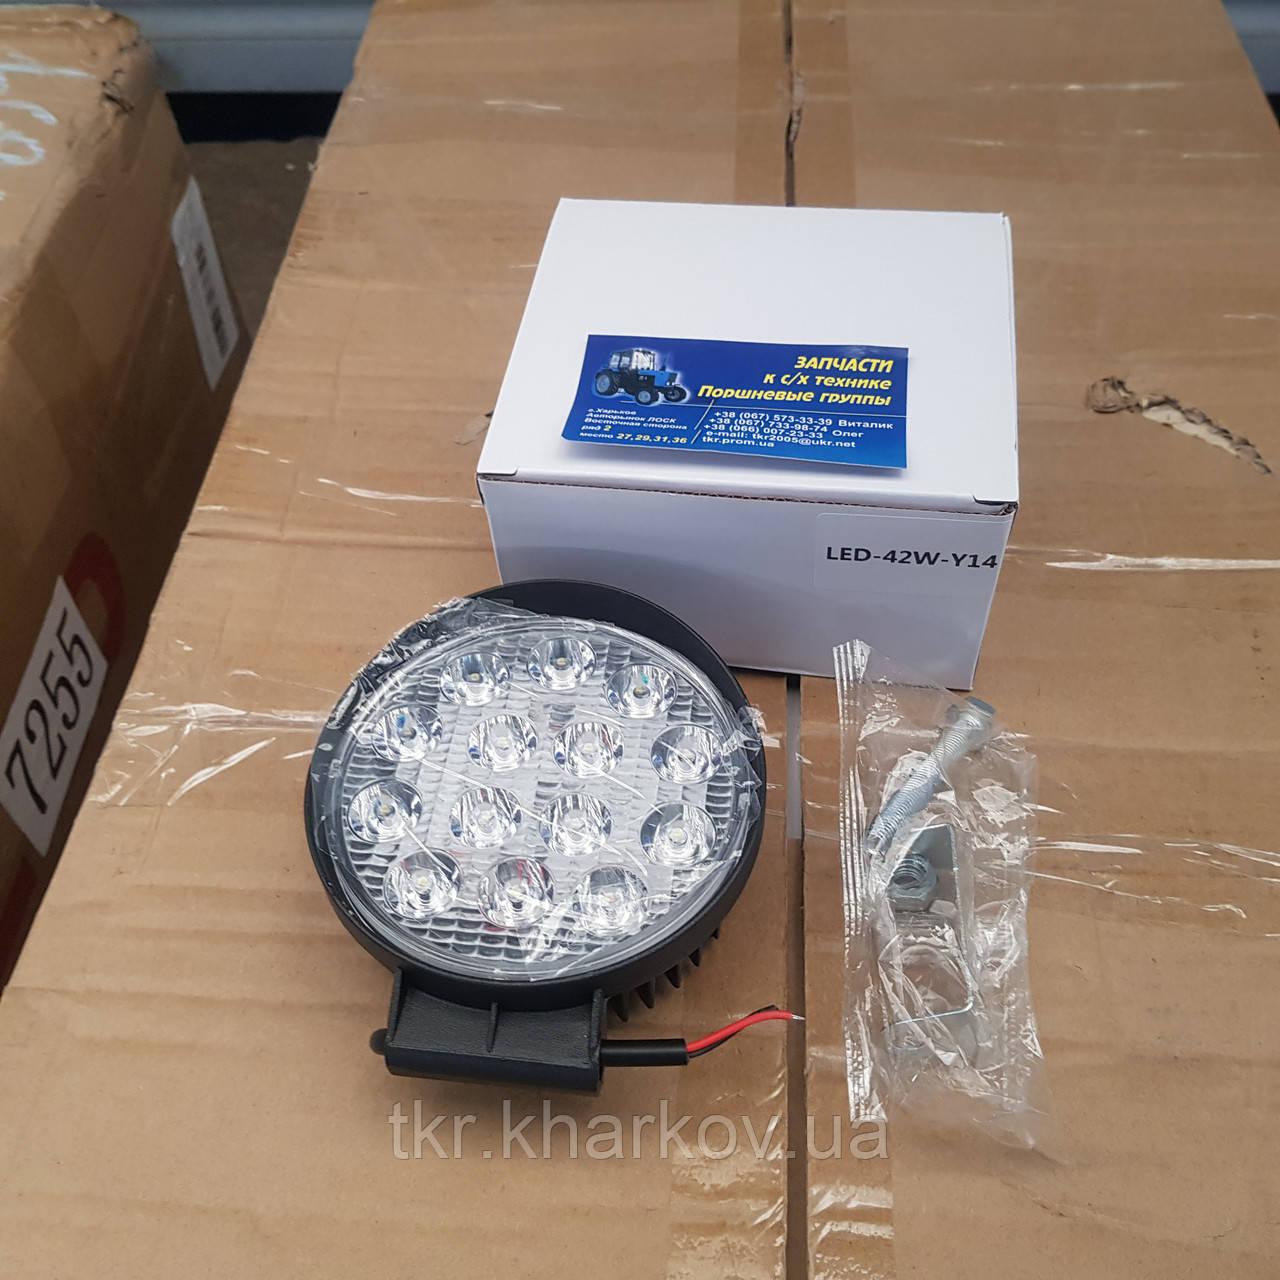 Светодиодная фара рабочего света 42 Вт Ближний свет LED42-01